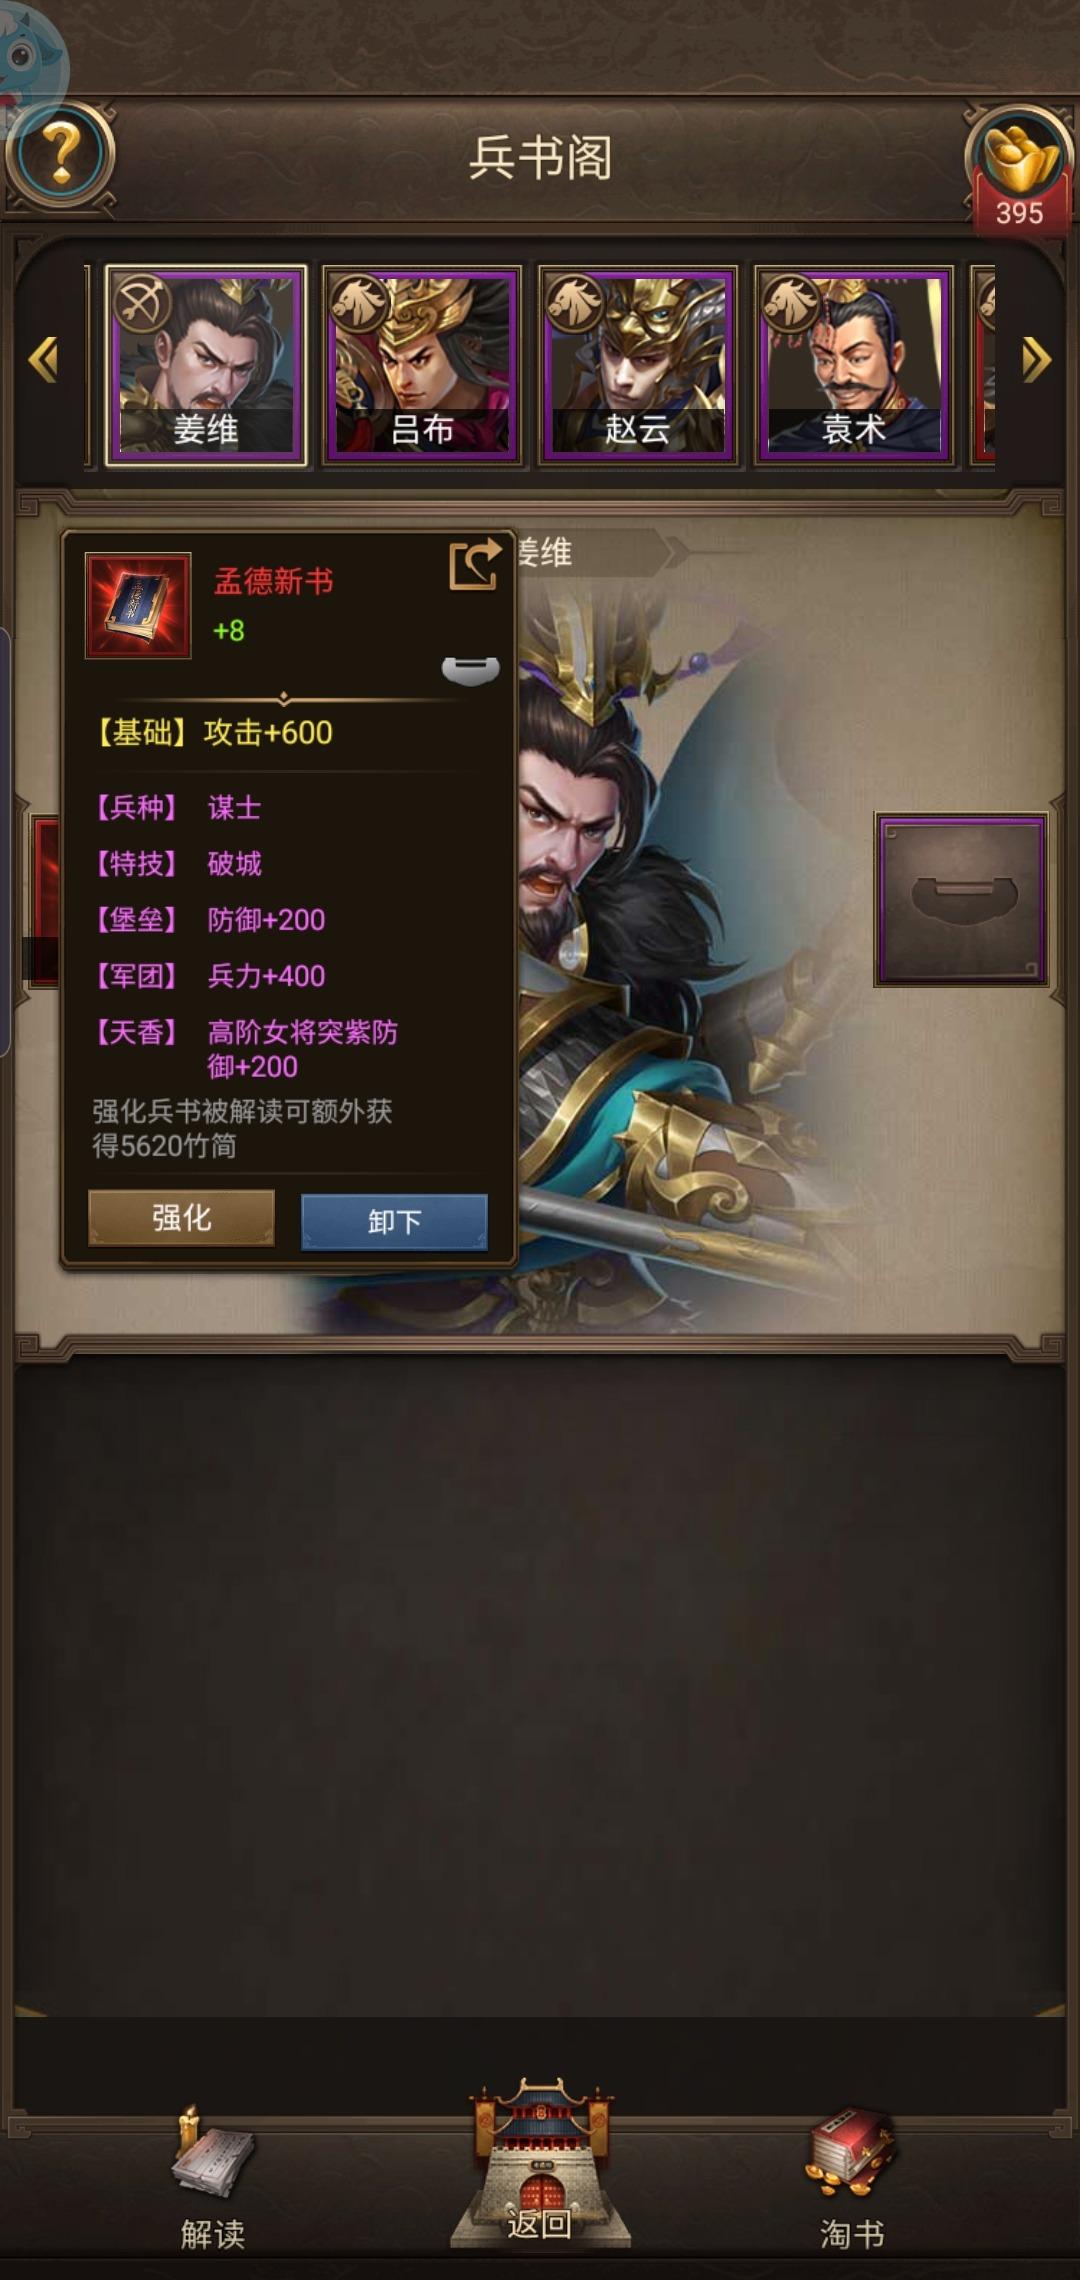 Screenshot_20191020-054054.jpg